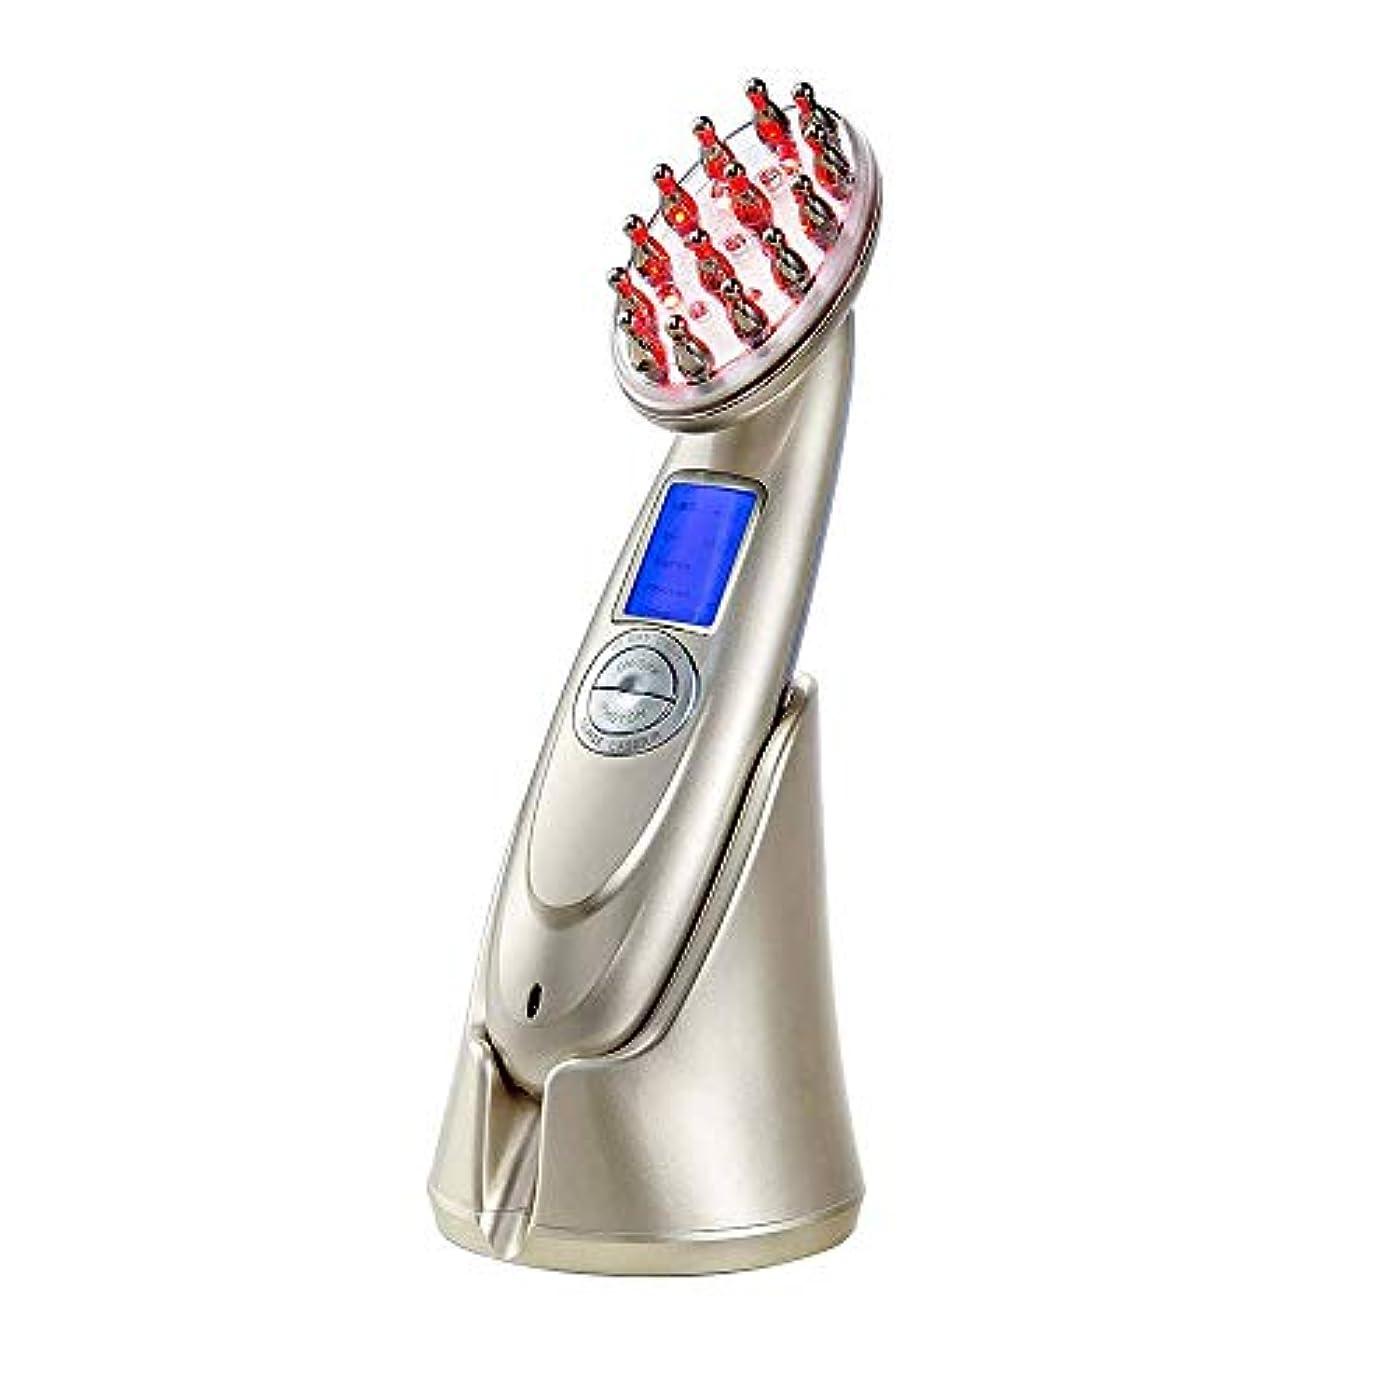 微視的同一性パラナ川髪の成長櫛電気抗毛損失治療マッサージヘア再生ブラシ無線周波数職業 EMS Led フォトンライトセラピー櫛